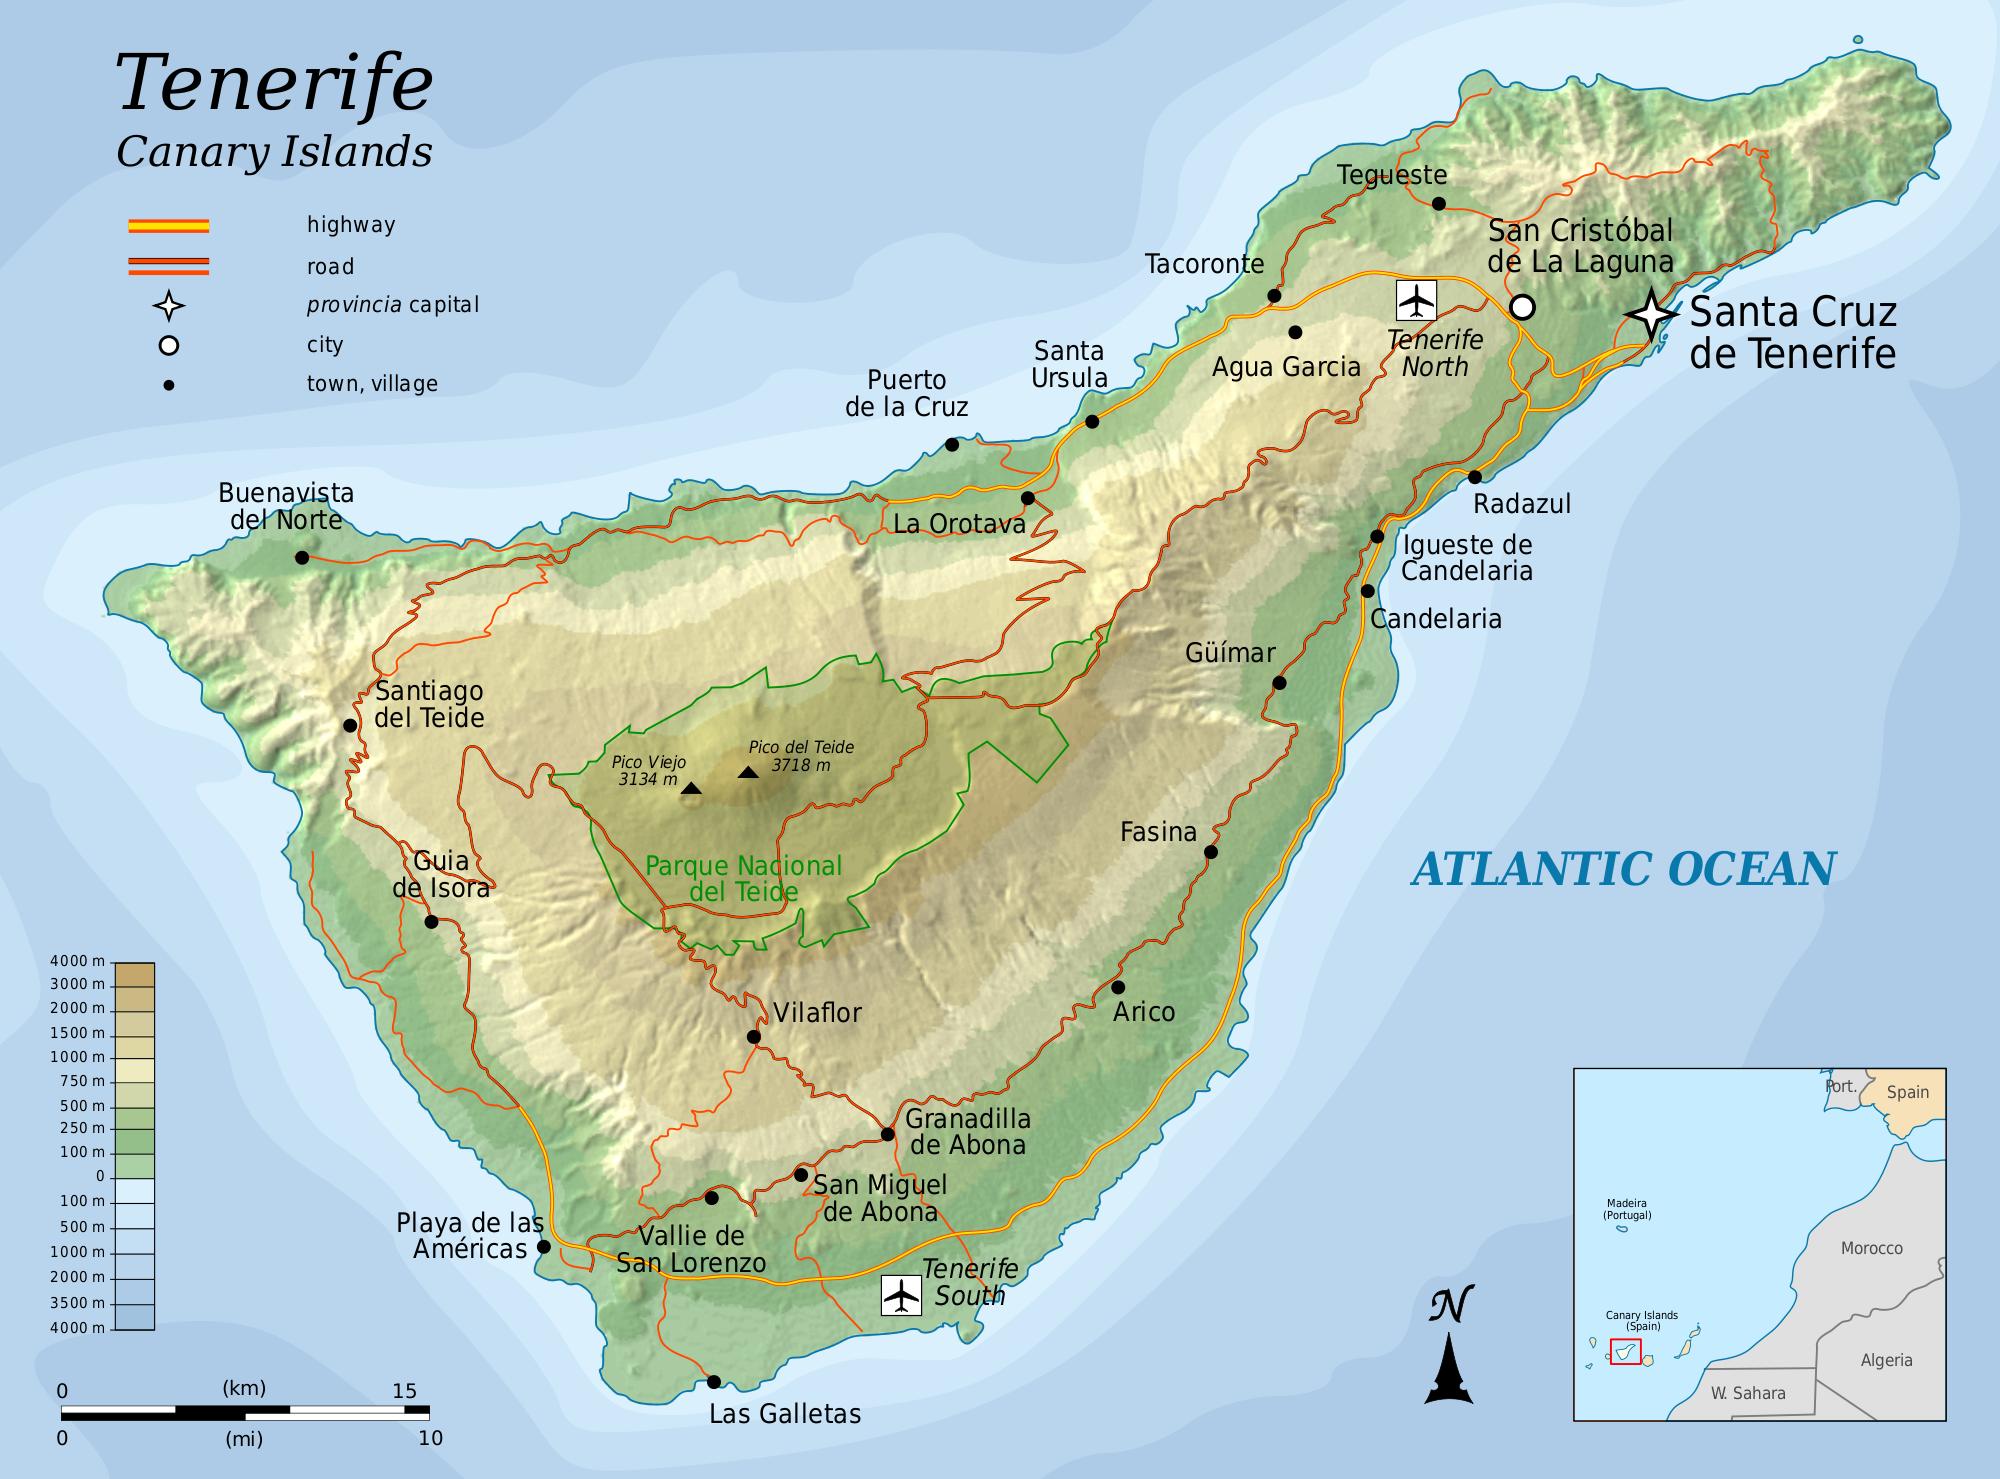 Mapa topográfico de la Isla de Tenerife 2010